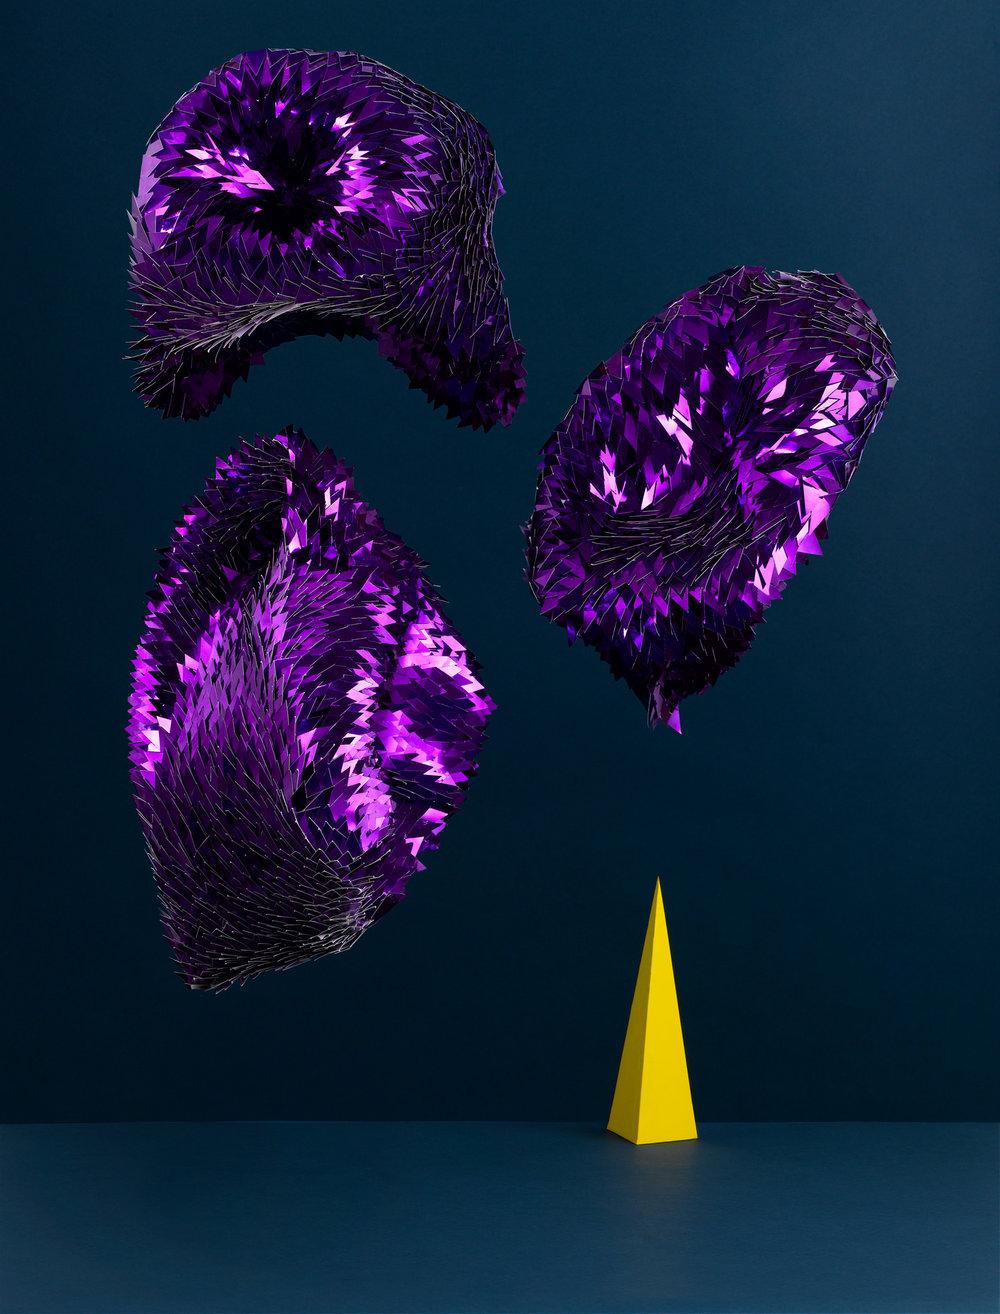 Flock_Jonathan_Minster_Personal_Thomas_Bird_Purple_Balloon.JPG